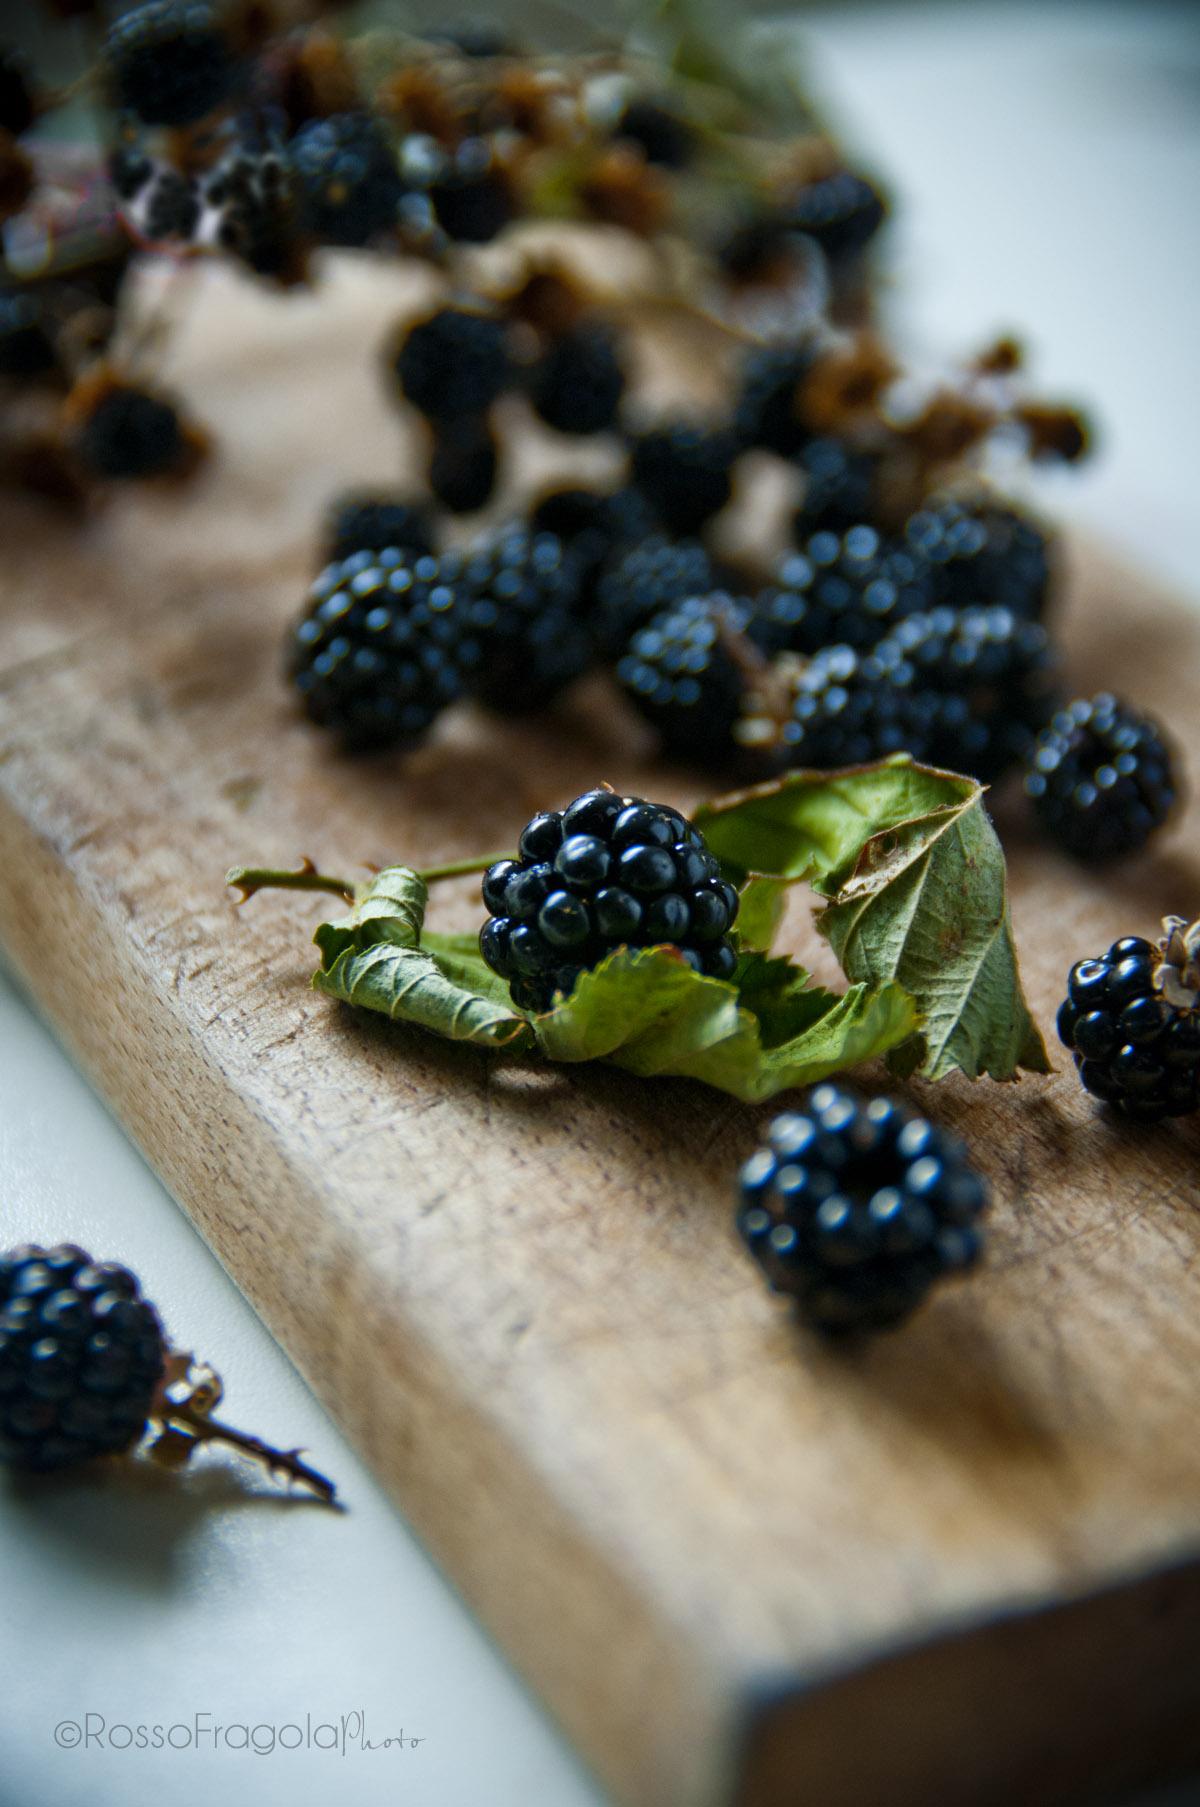 More di rovo - Blackberries